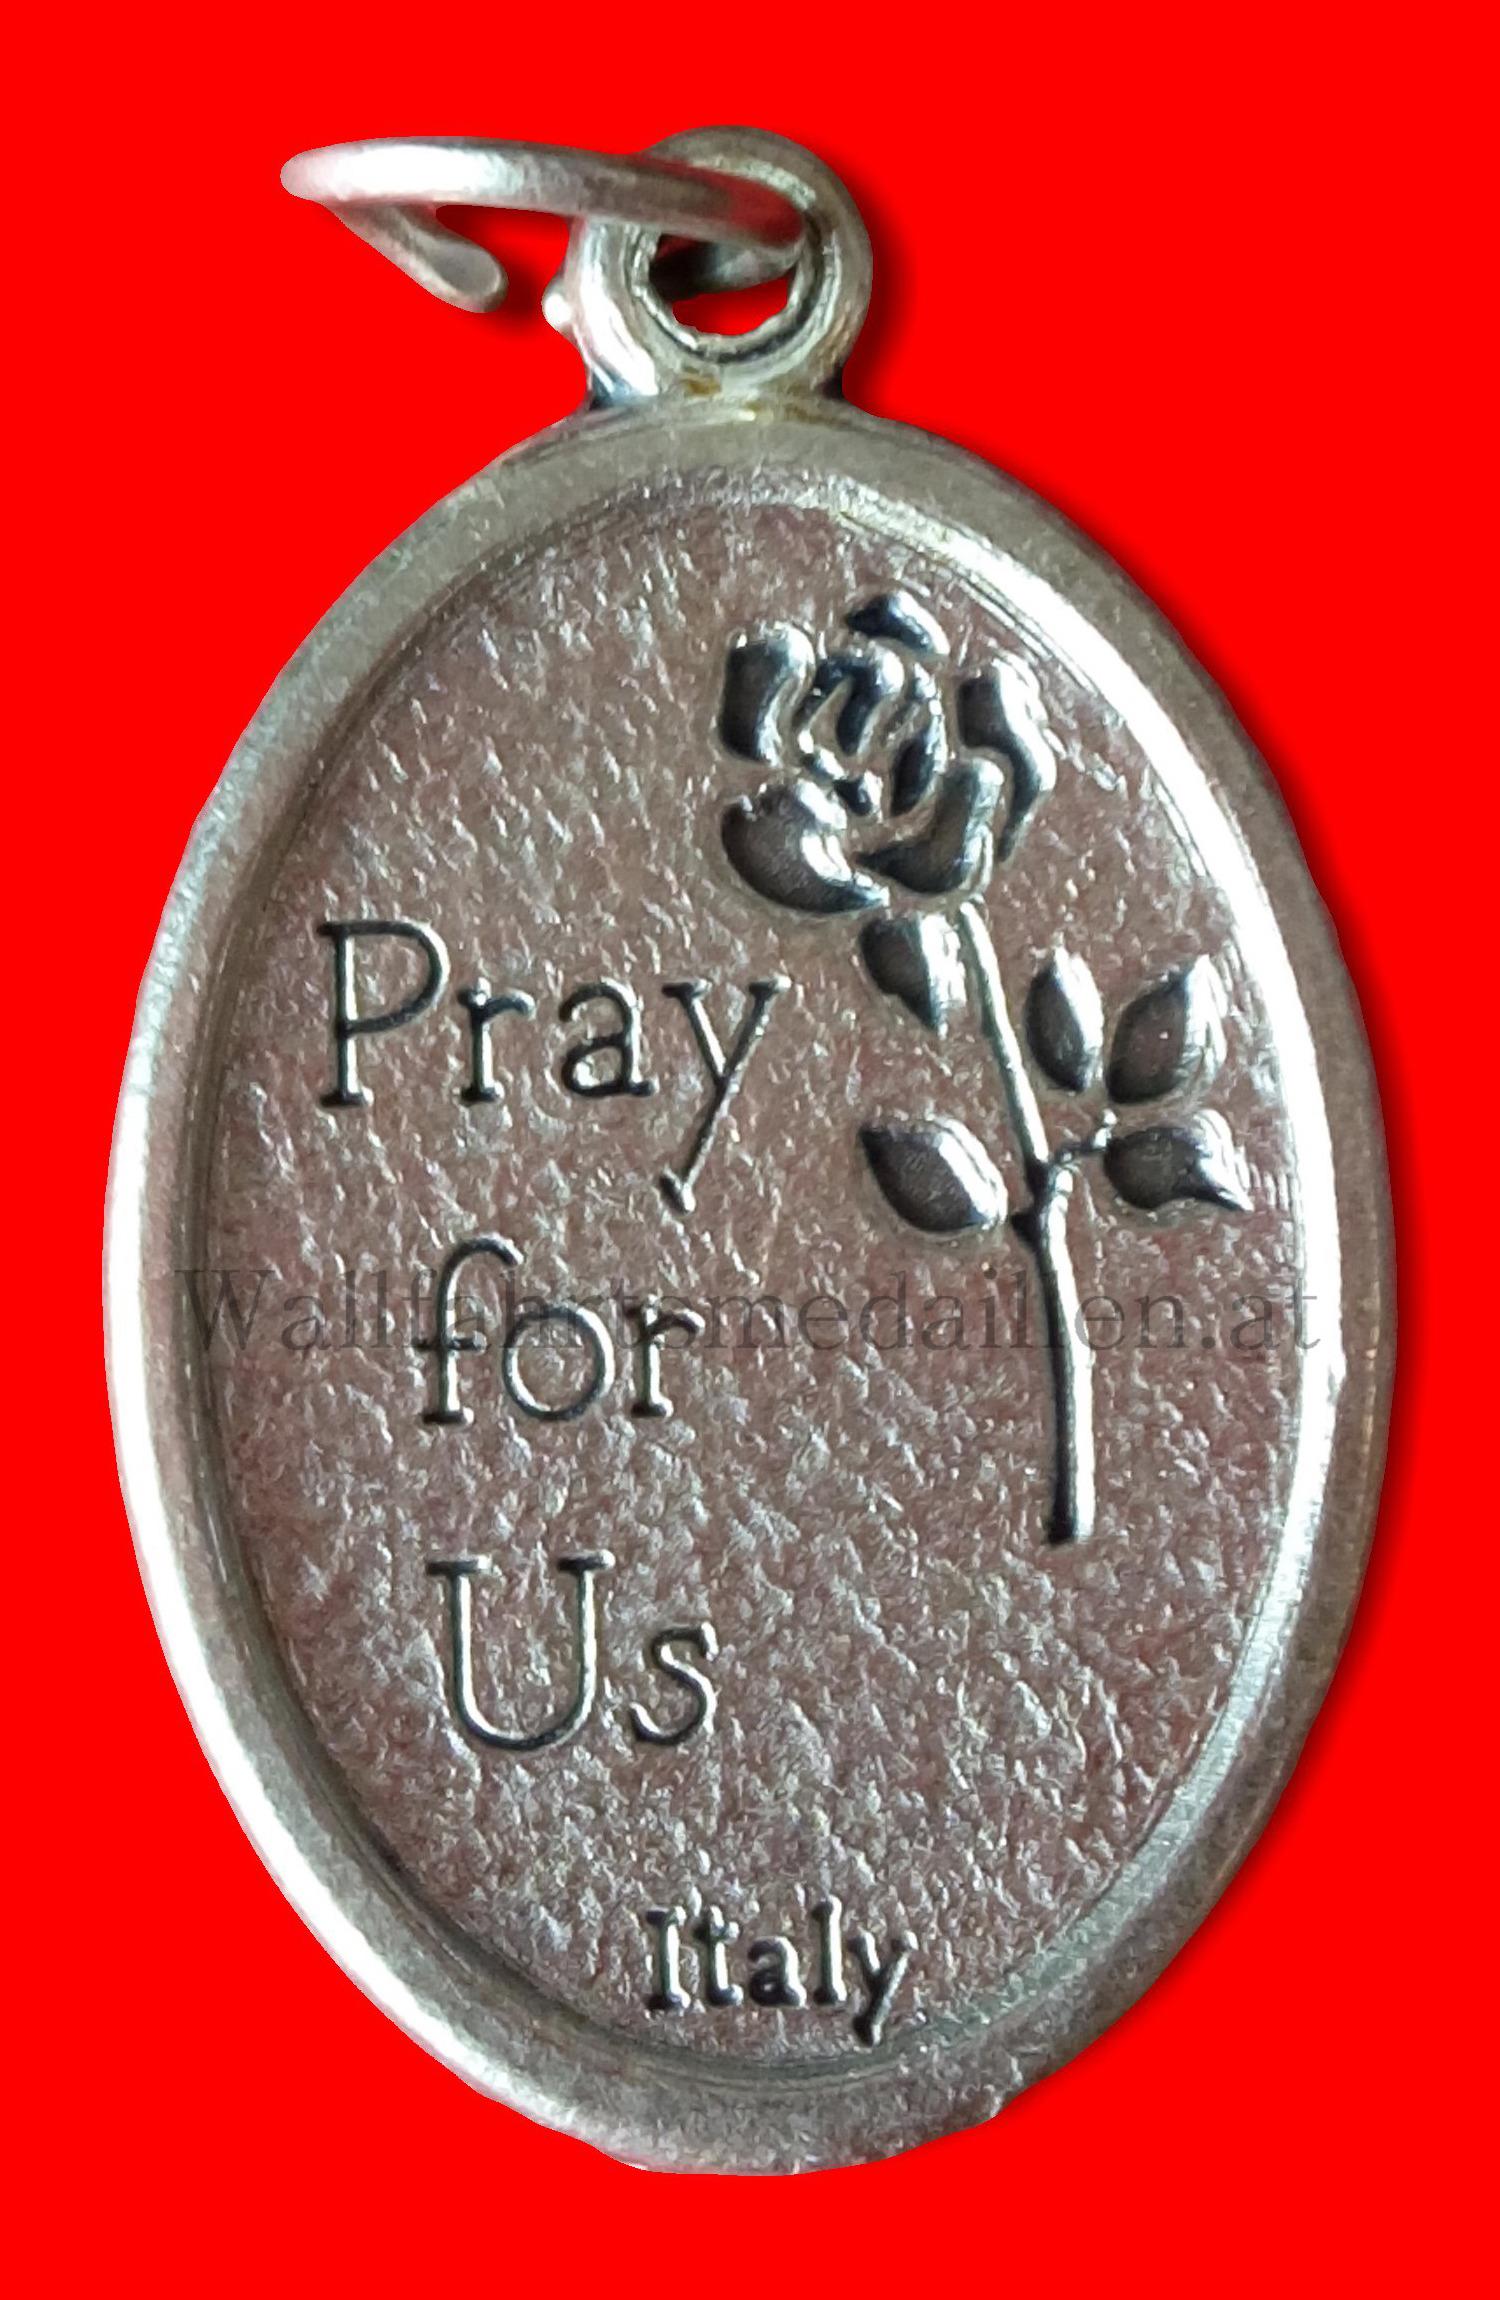 Bete für uns